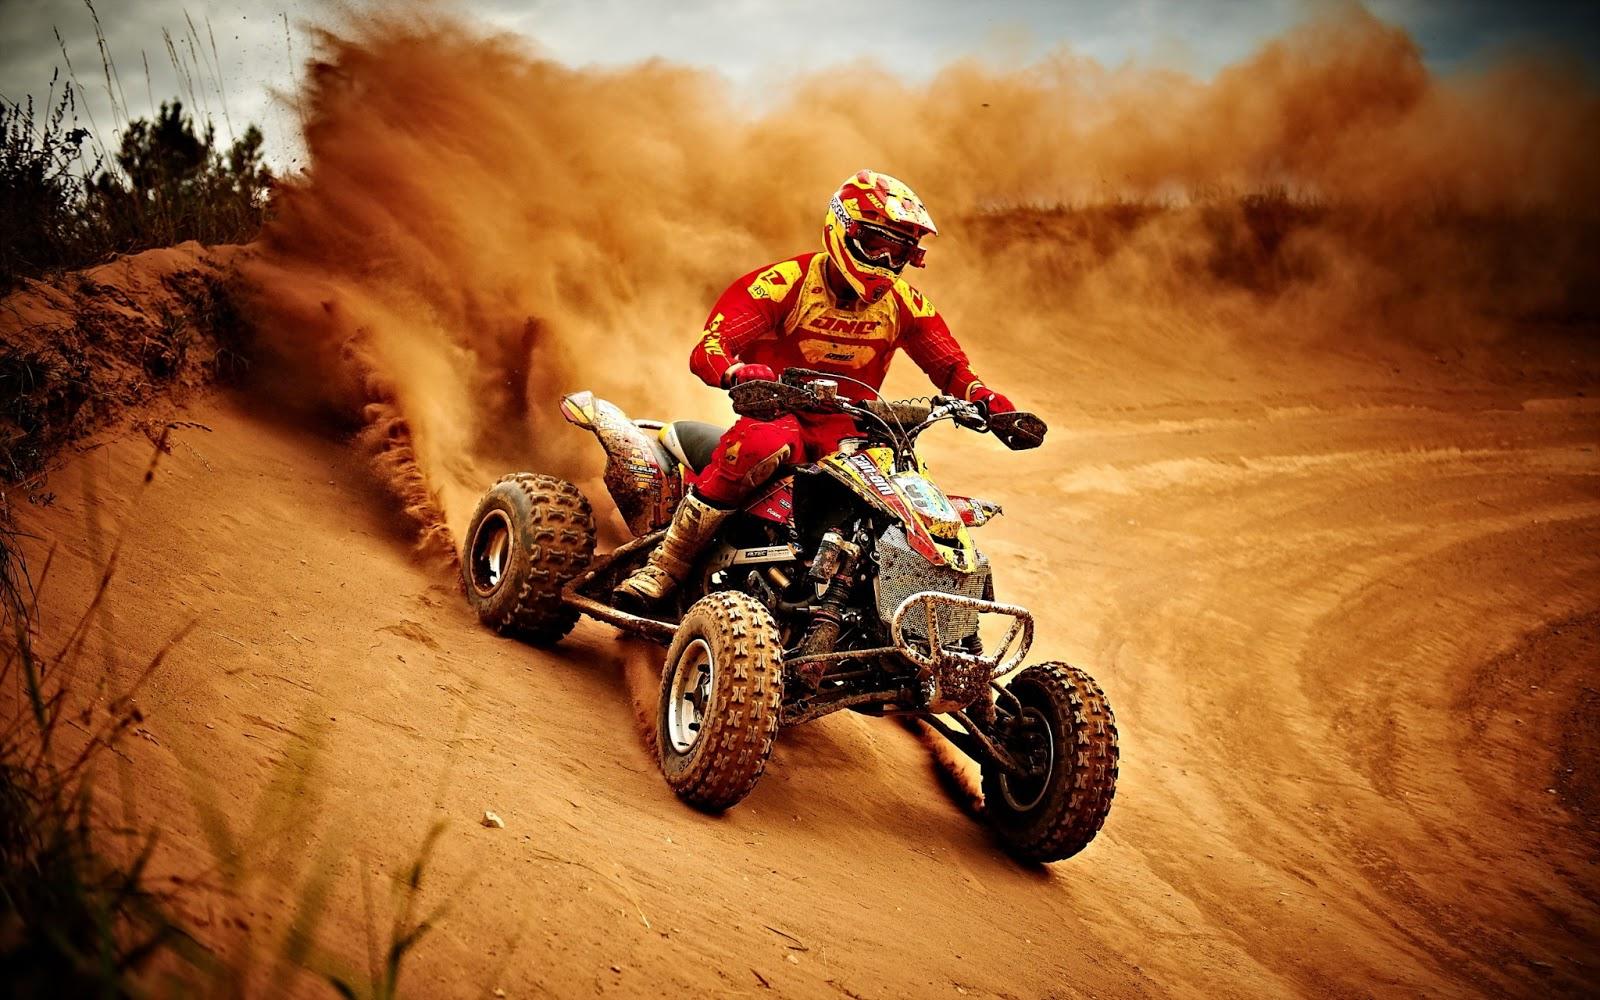 resmi atv motor resimleri atv motor fotograf atv motor wallpaper atv 1600x1000